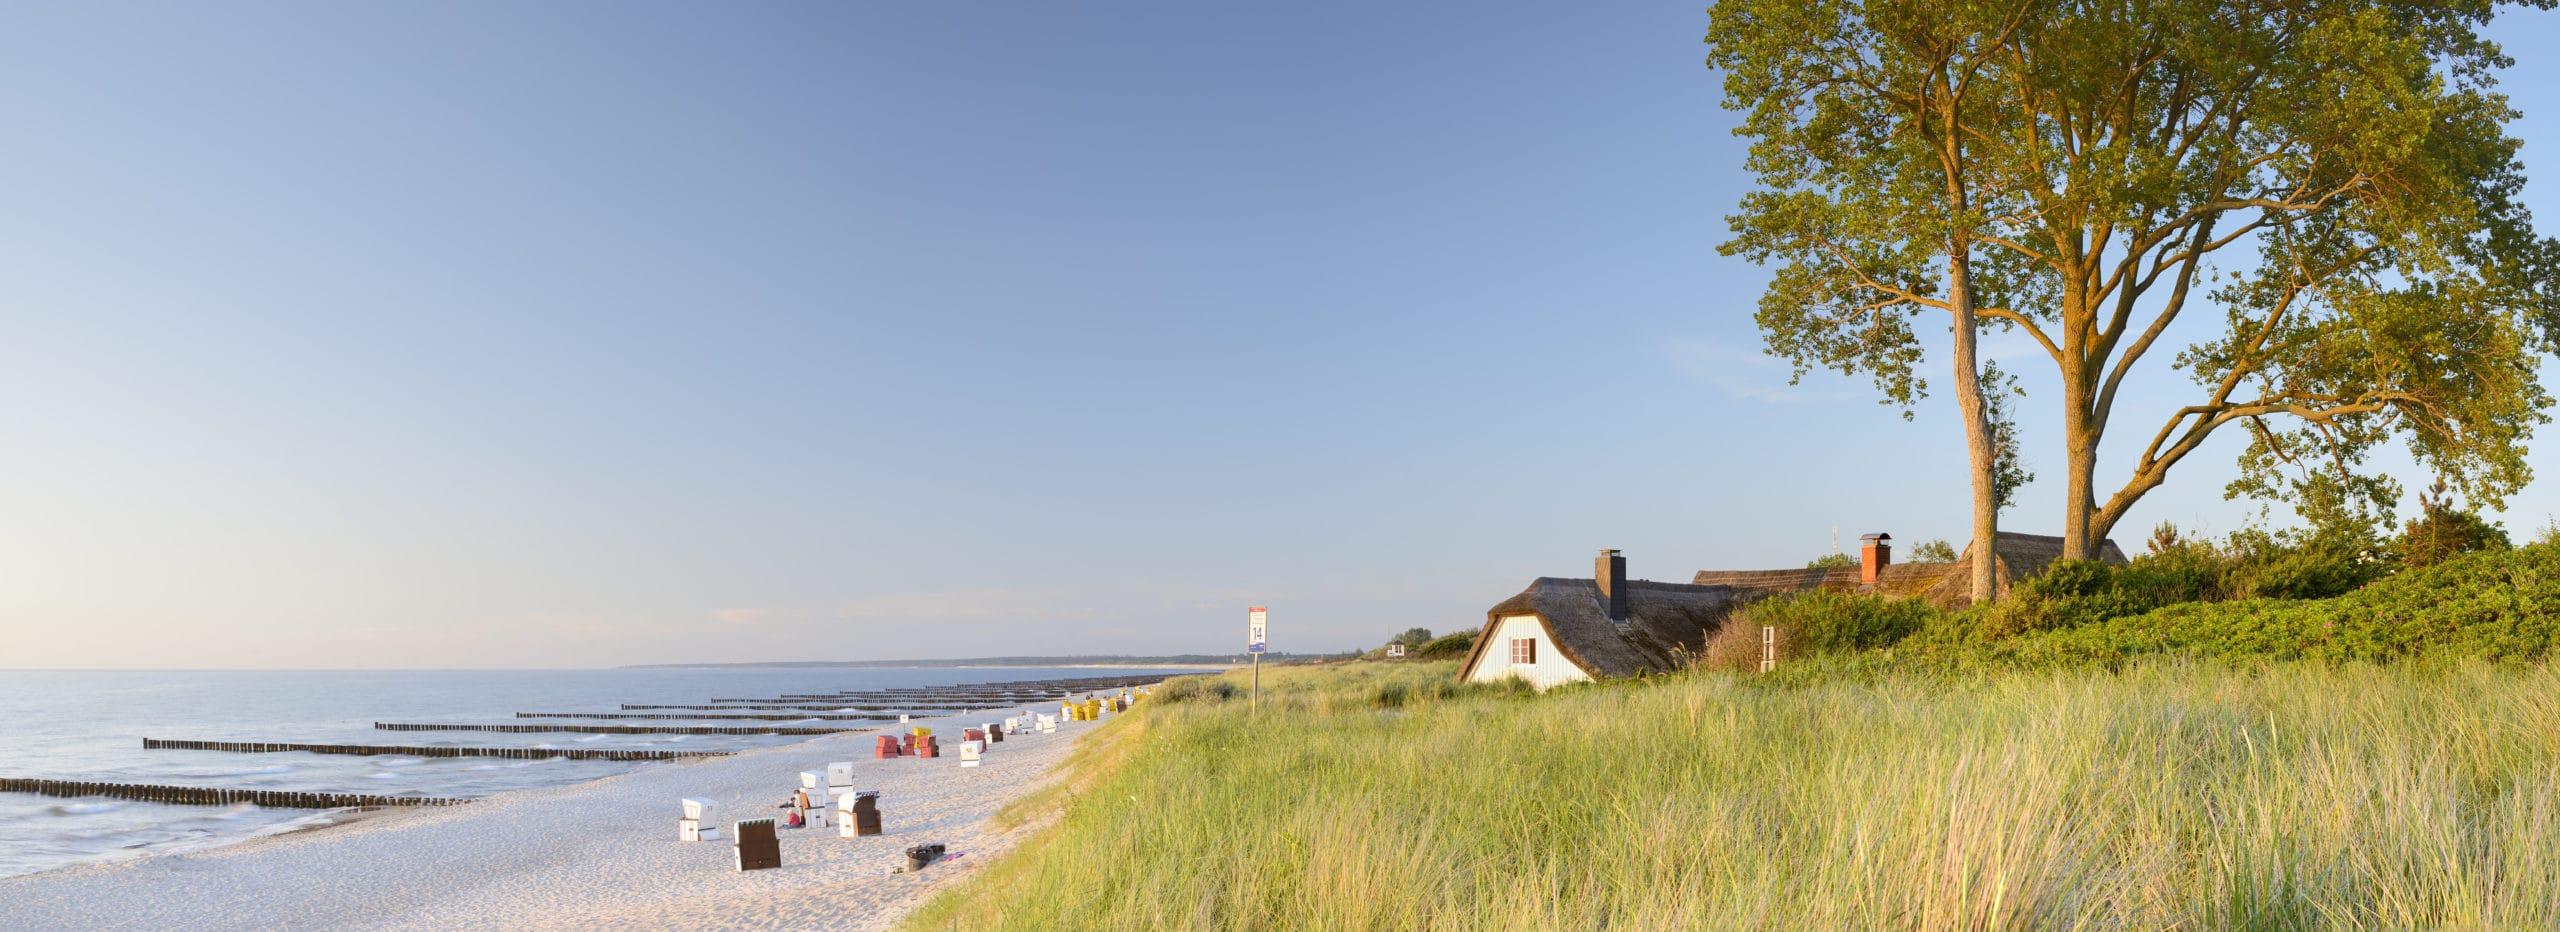 Typische huizen in Ahrenshoop in Mecklenburg-Vorpommern aan het witte strand met oostzee